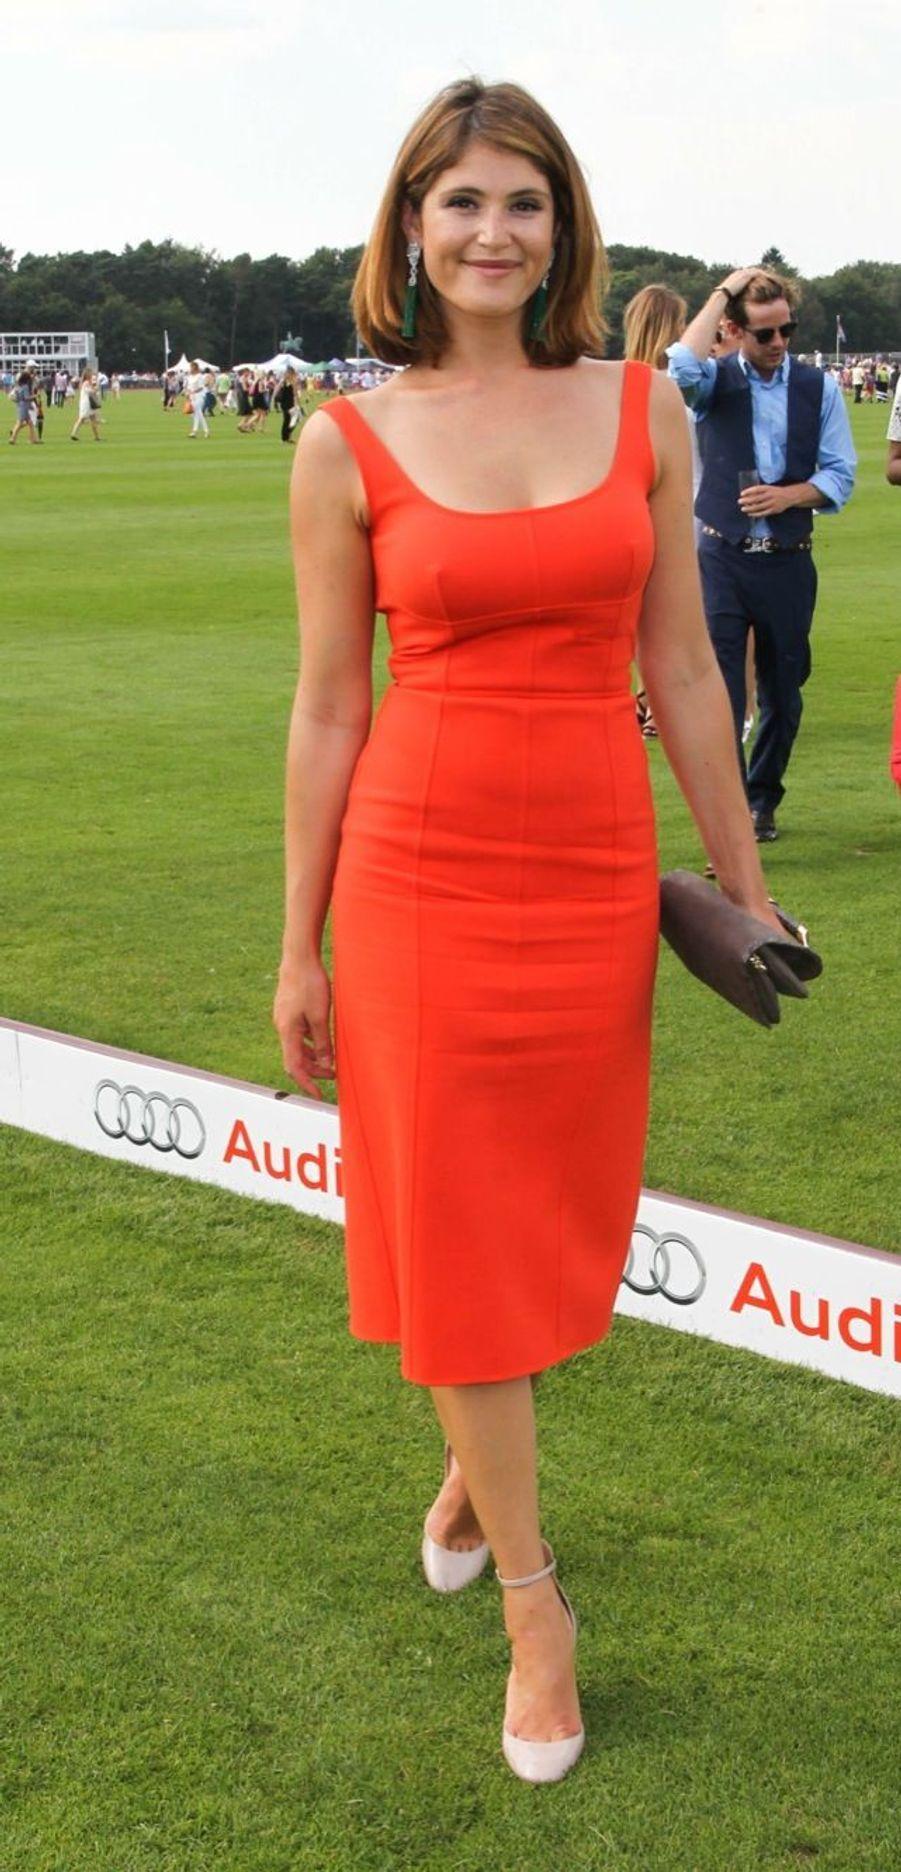 L'actrice Gemma Arterton au Guards polo club de Windsor, samedi